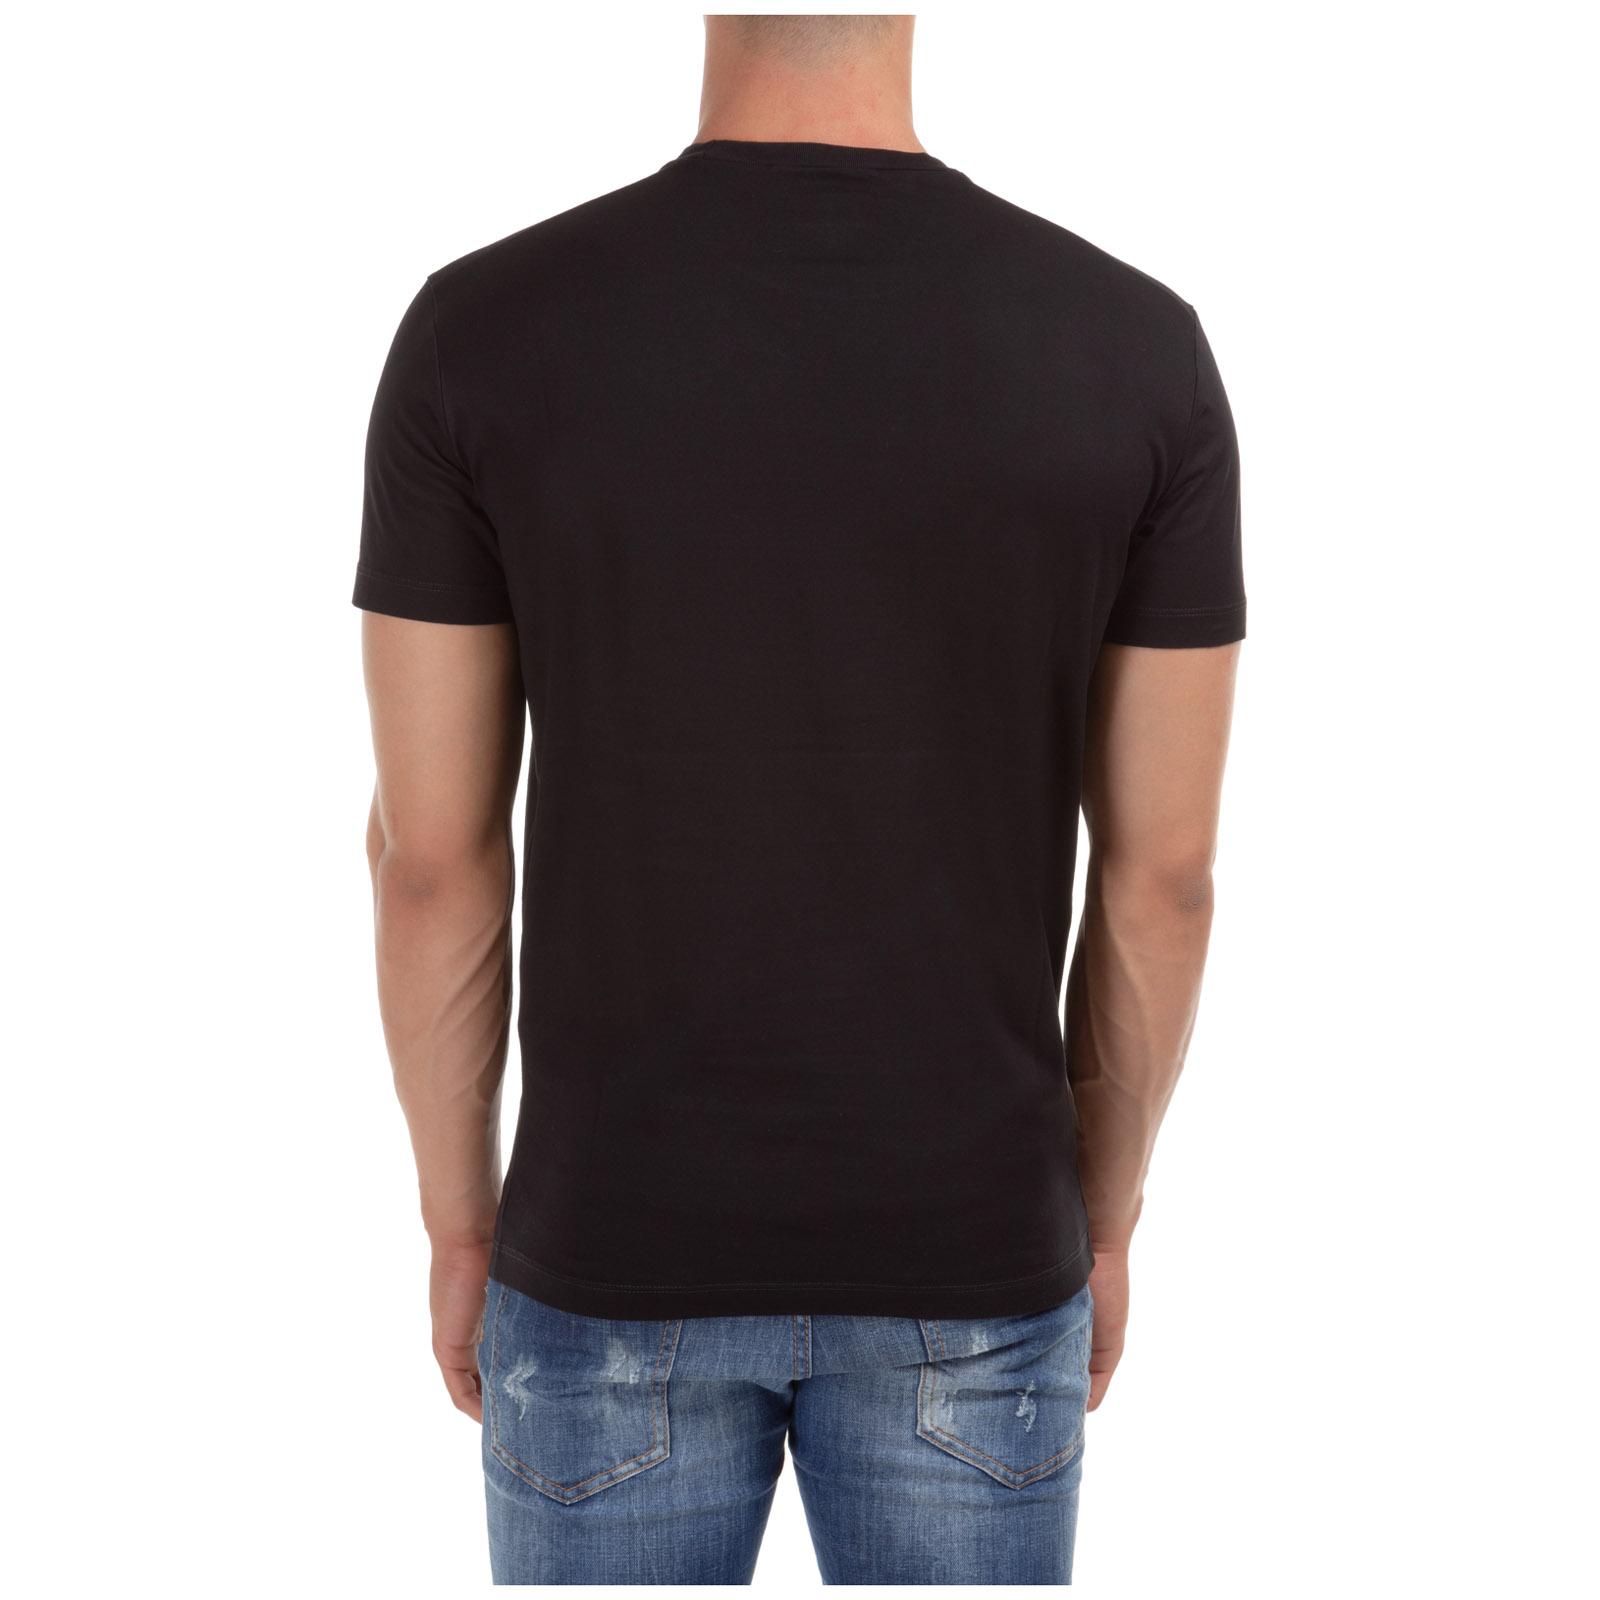 Men's short sleeve t-shirt crew neckline jumper dean&dean caten